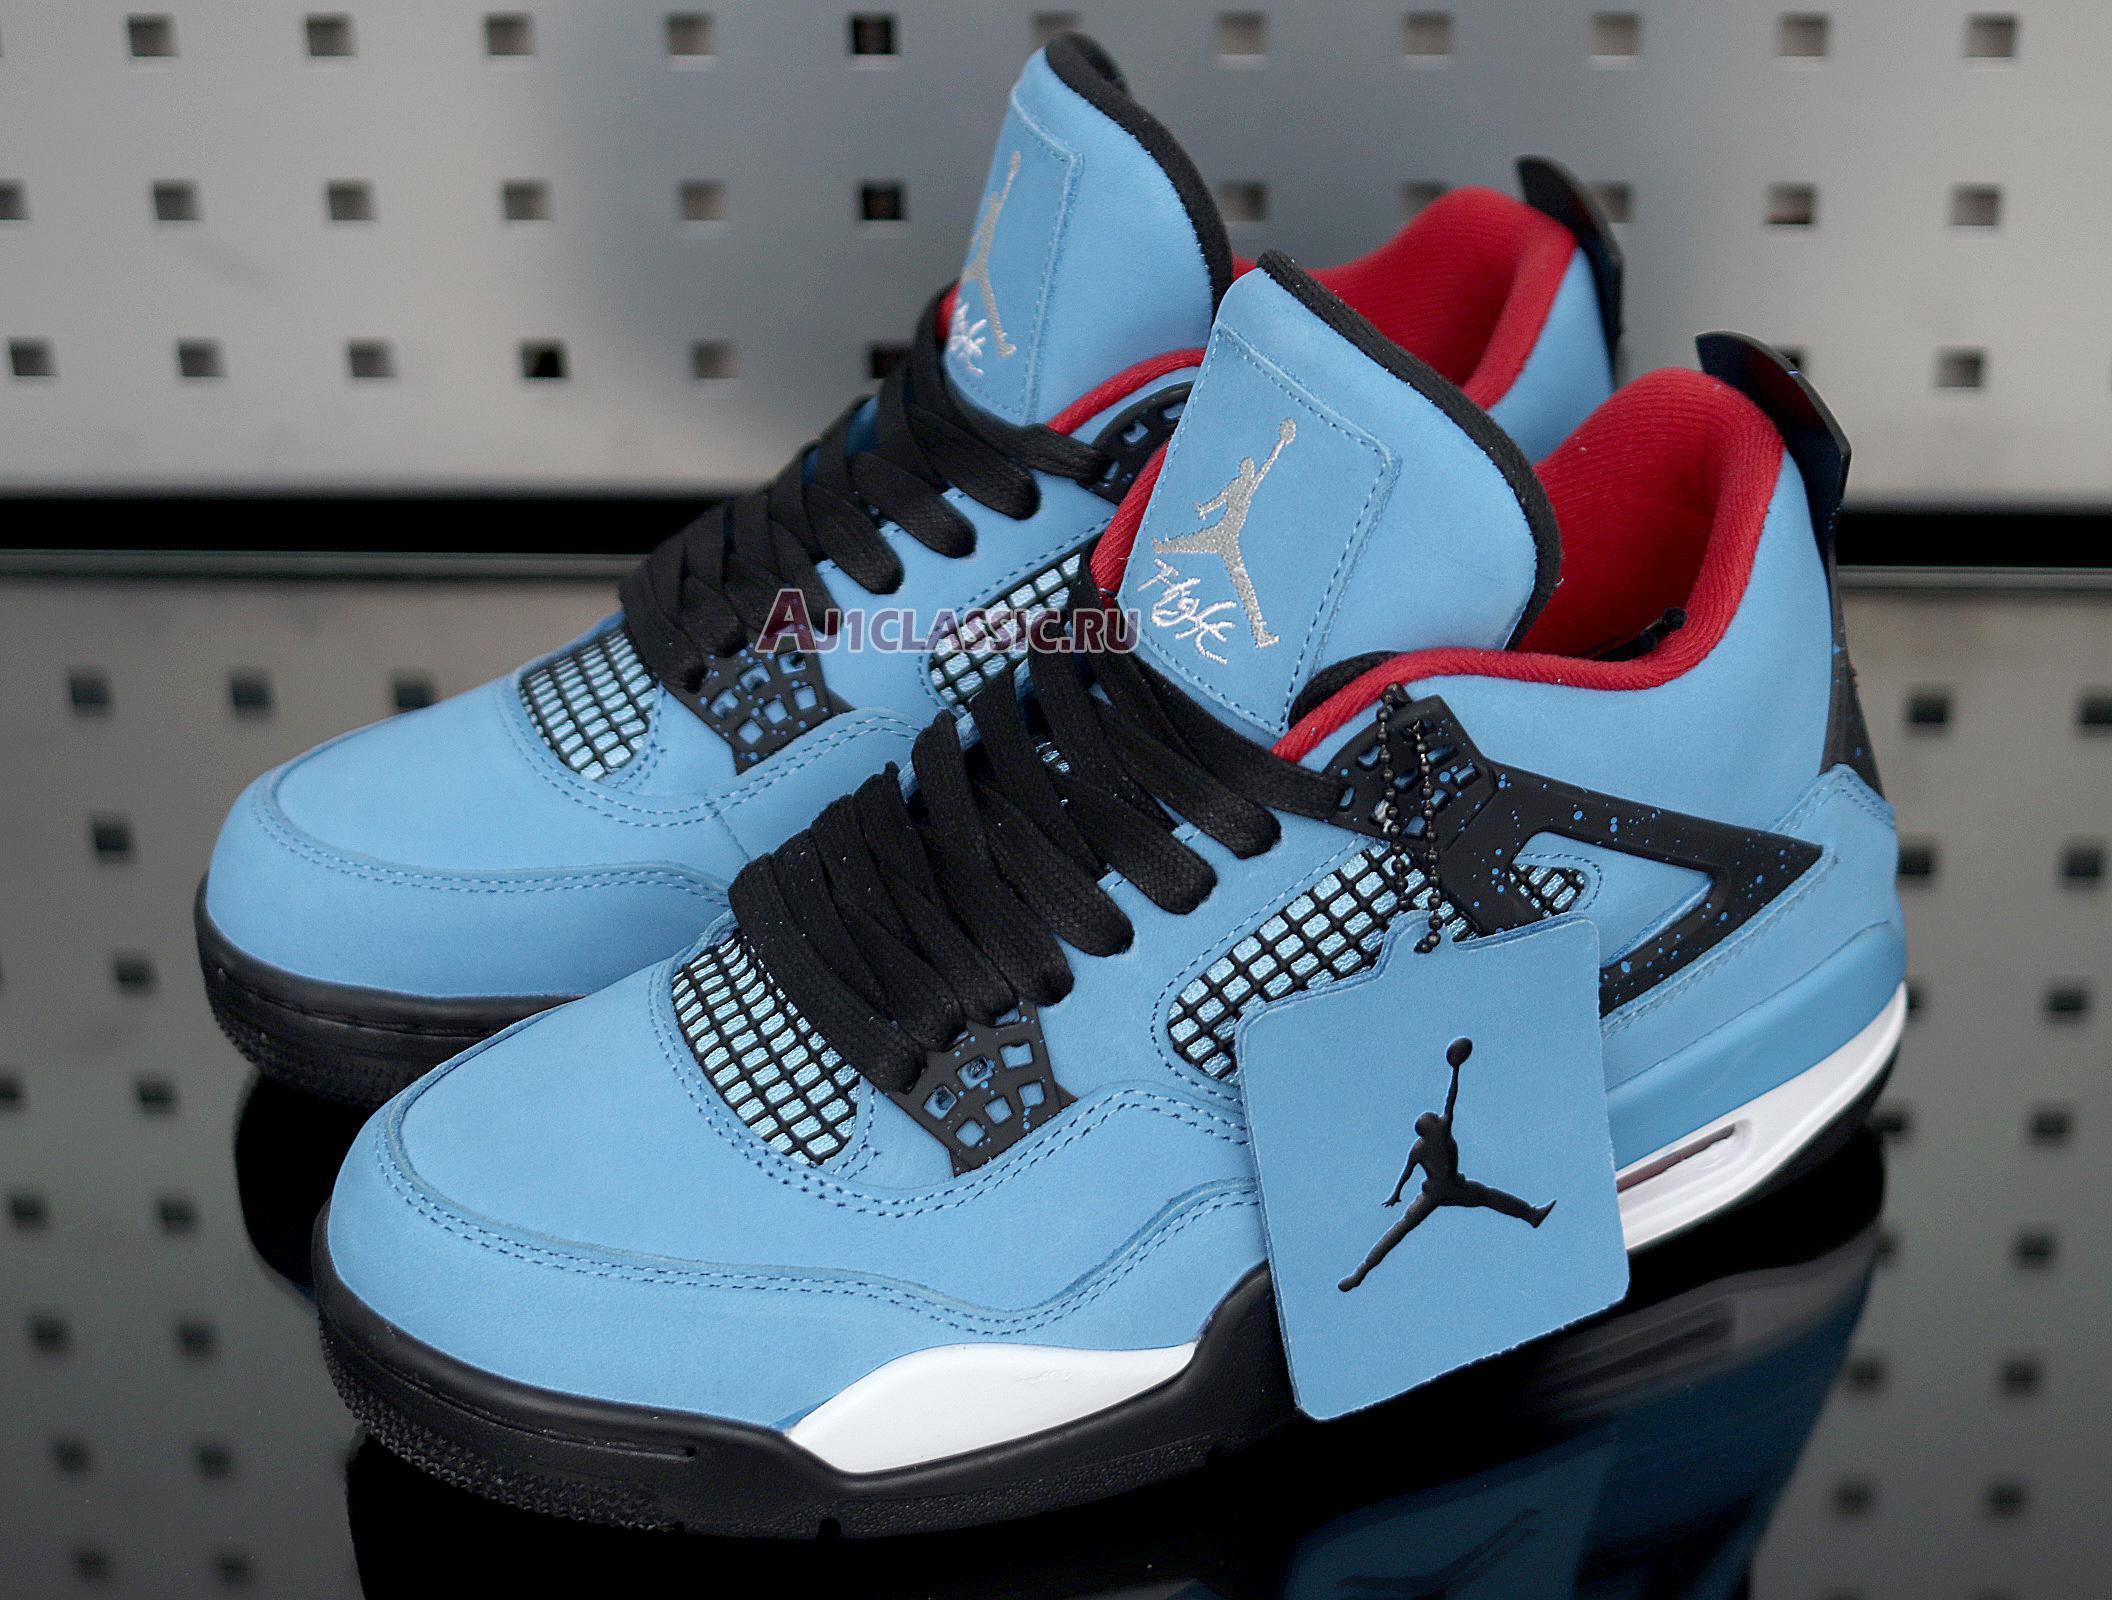 """Travis Scott x Air Jordan 4 Retro """"Cactus Jack"""" 308497-406"""